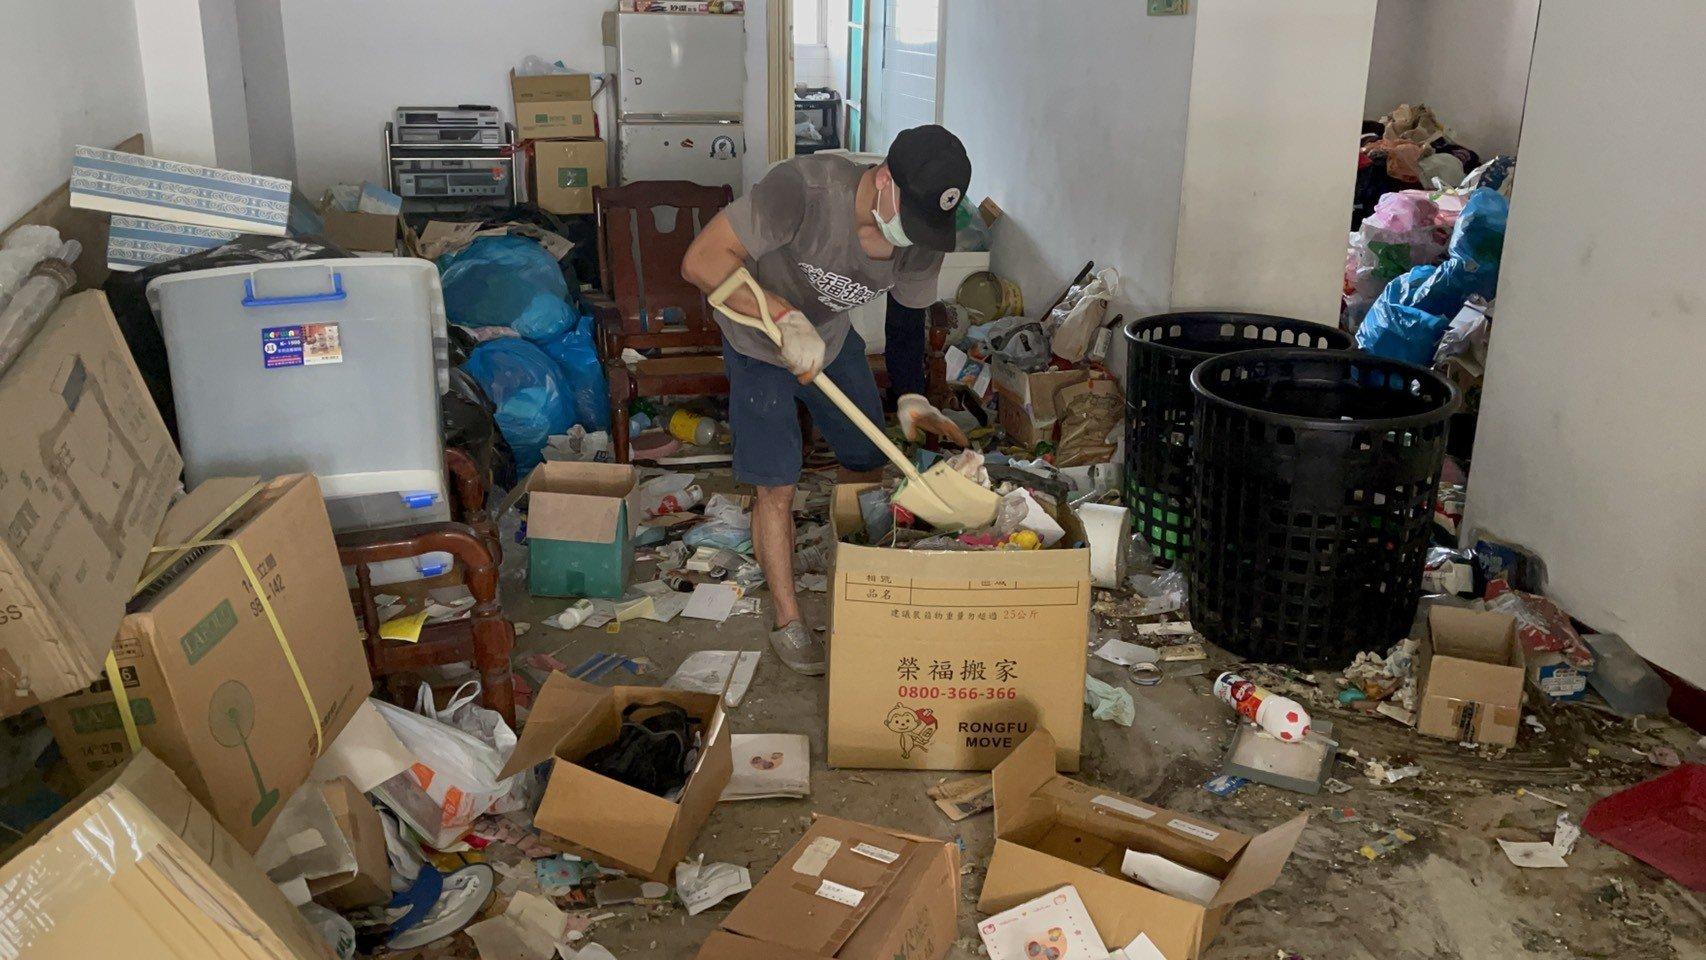 新北市垃圾清運、台北市垃圾清運、不要的家具怎麼辦、搬家公司推薦、新北搬家公司推薦【榮福搬家公司】南港搬家、桃園搬家公司推薦、桃園大型垃圾、台北搬家公司推薦、搬垃圾處理、家庭廢棄物清運、廢棄物處理、搬運廢棄物、家具垃圾處理、清運、搬家具、冰箱搬運、基隆搬家、大型家電回收清運、床墊搬運、搬衣櫃、大型家具丟棄、大型家具清運、搬公司行號、家庭垃圾清運公司、清垃圾、廢棄家具處理、廢棄家具清運、垃圾清運費用、搬家車,針對顧客都秉持以用心實在專業搬家技巧,搬家實在用心值得您的信賴與選擇。歡迎來電咨詢02-2651-2727,榮福搬家有專員立即為您服務。